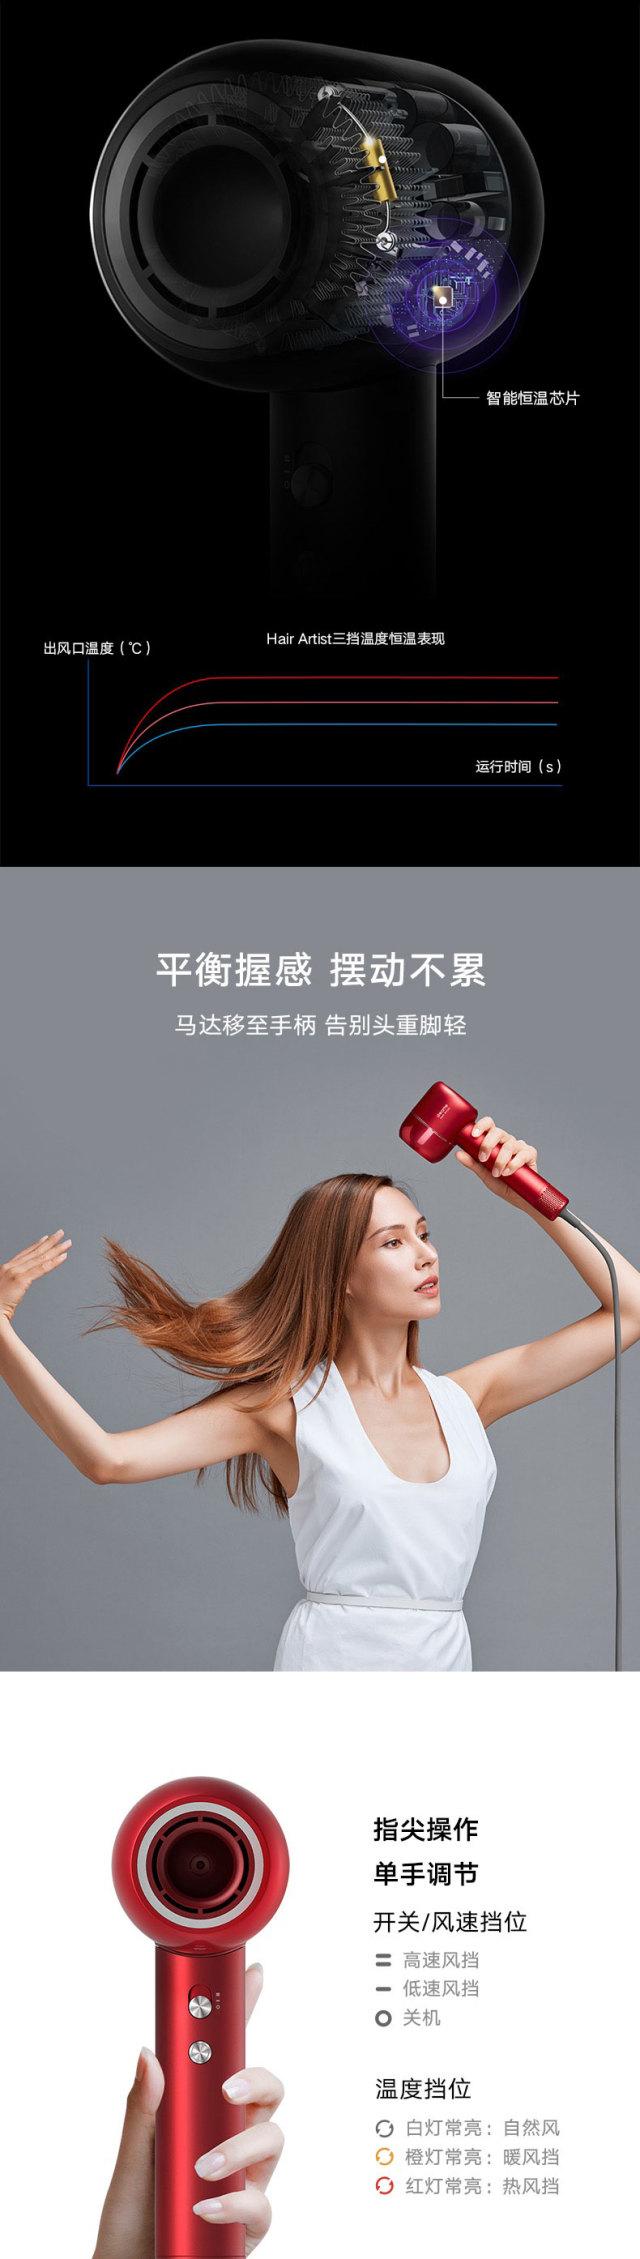 追觅HairArtist高速吹风机